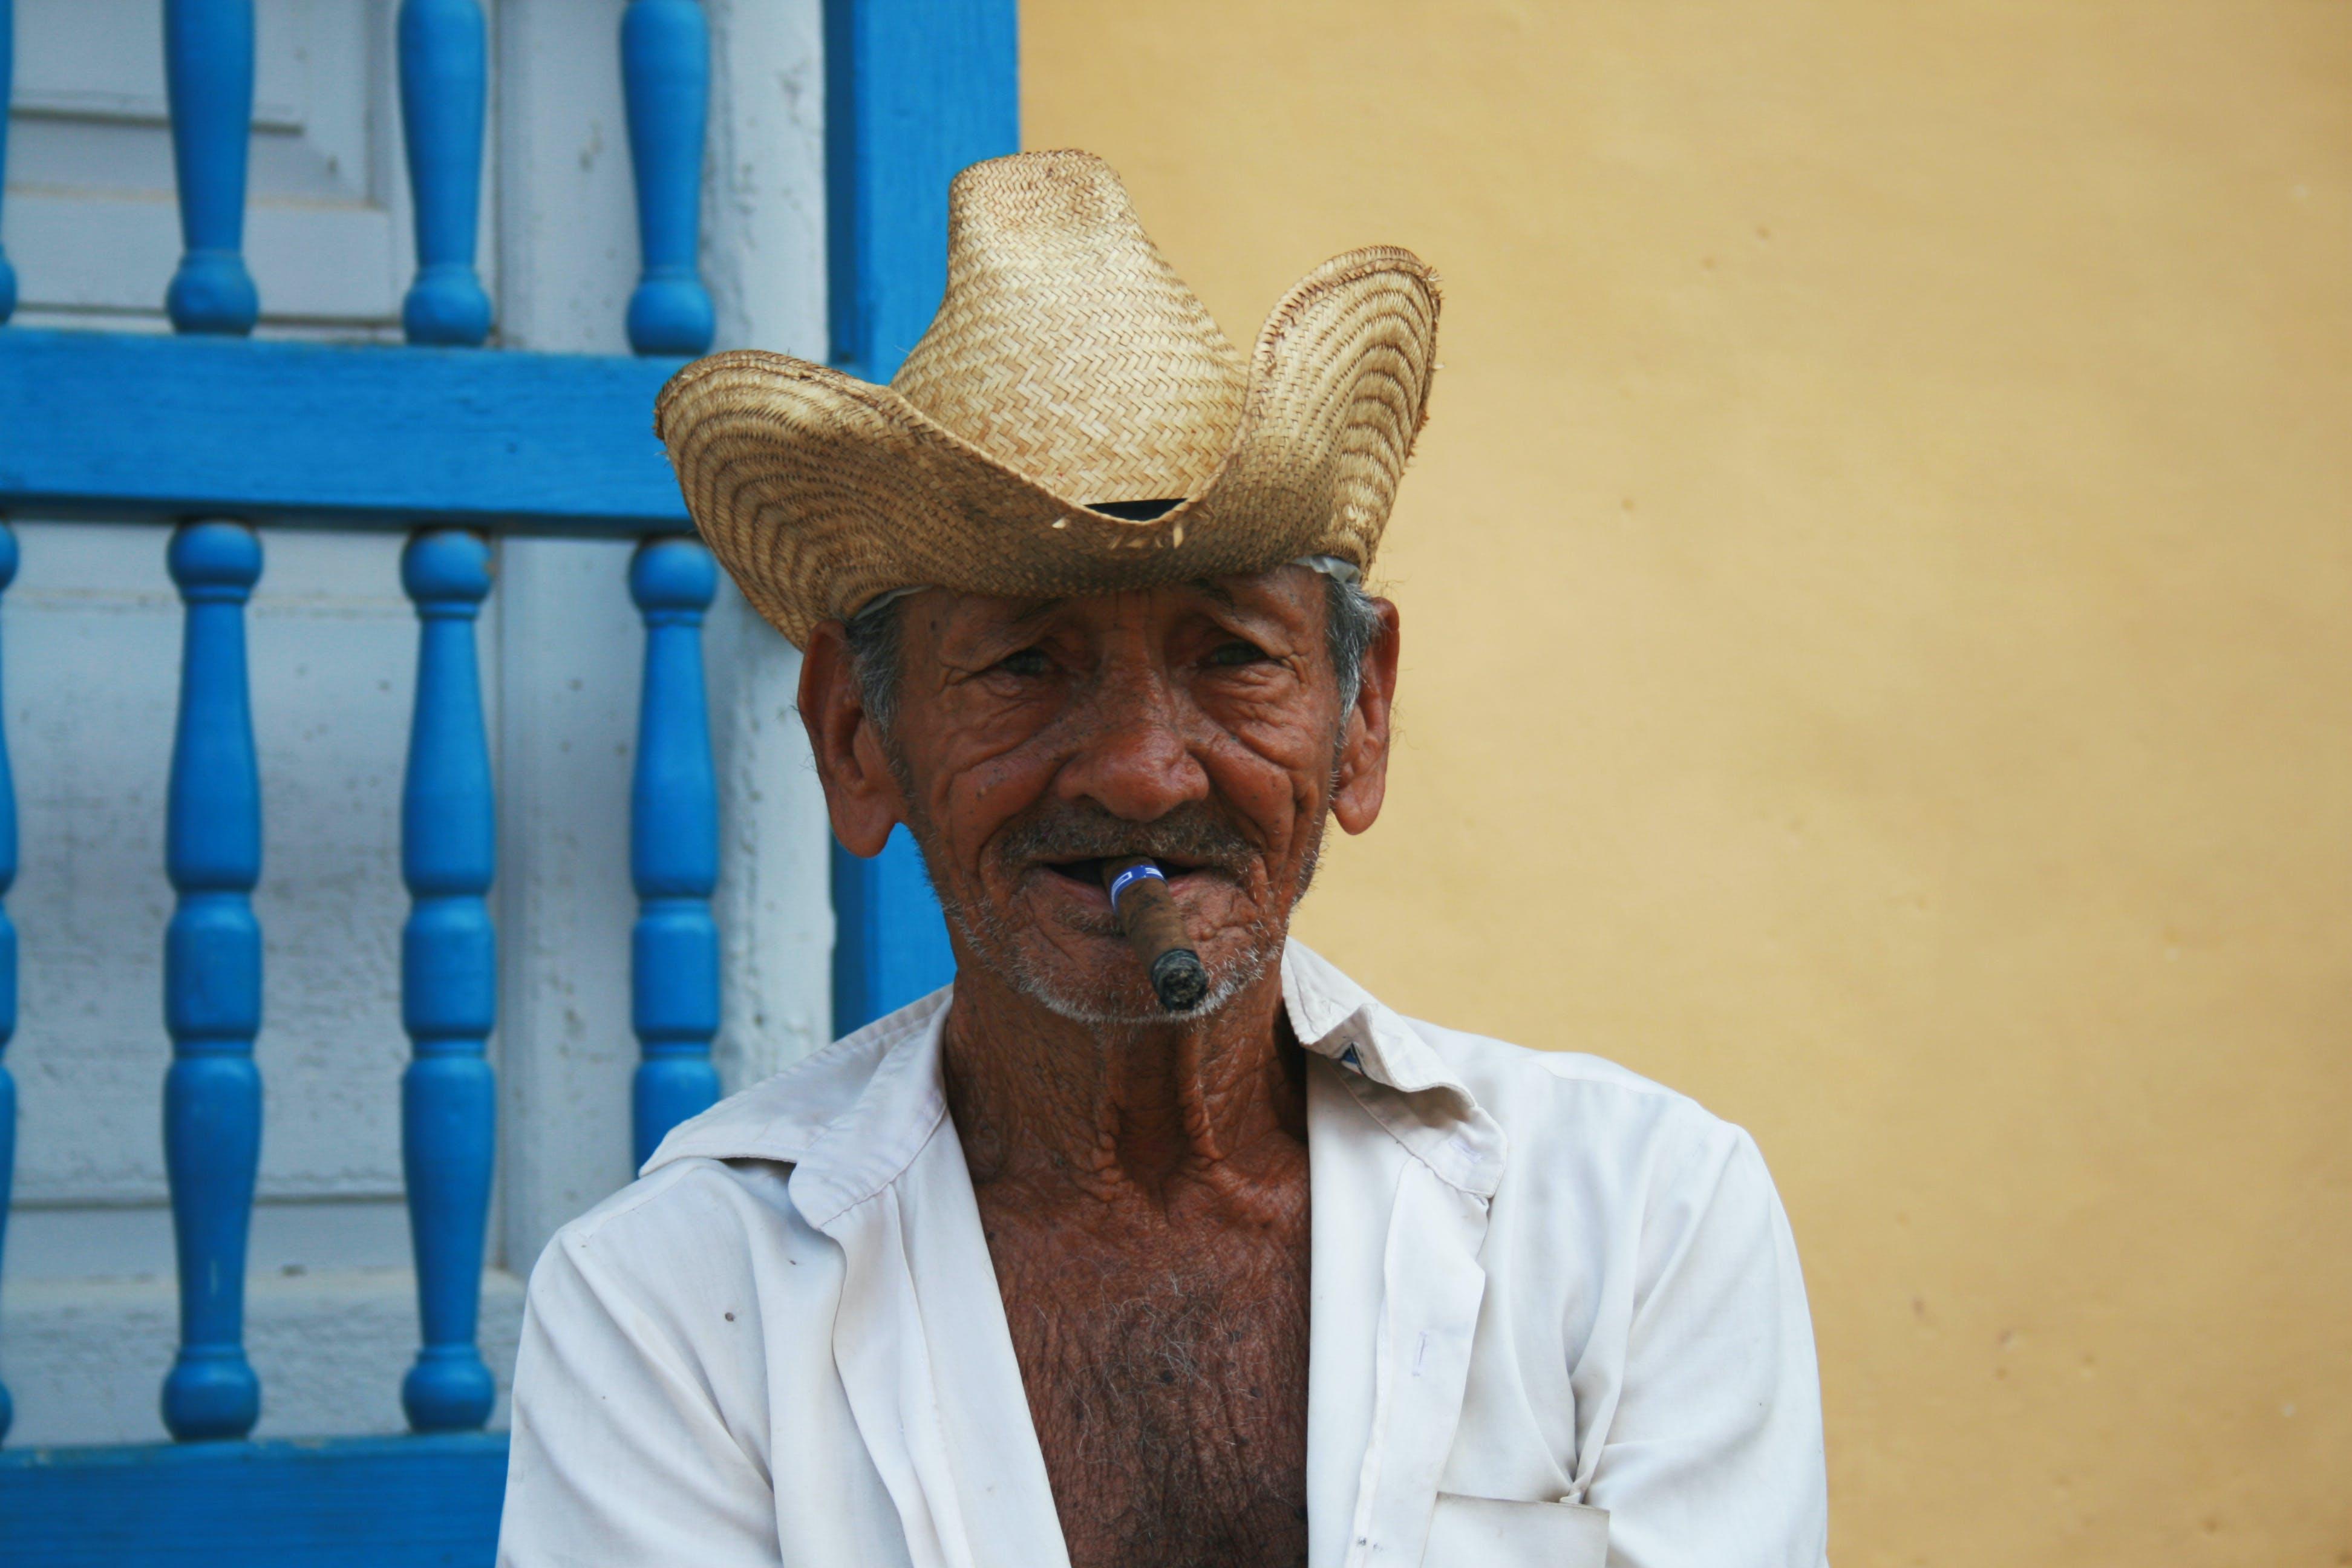 Man Wearing Straw Hat While Smoking